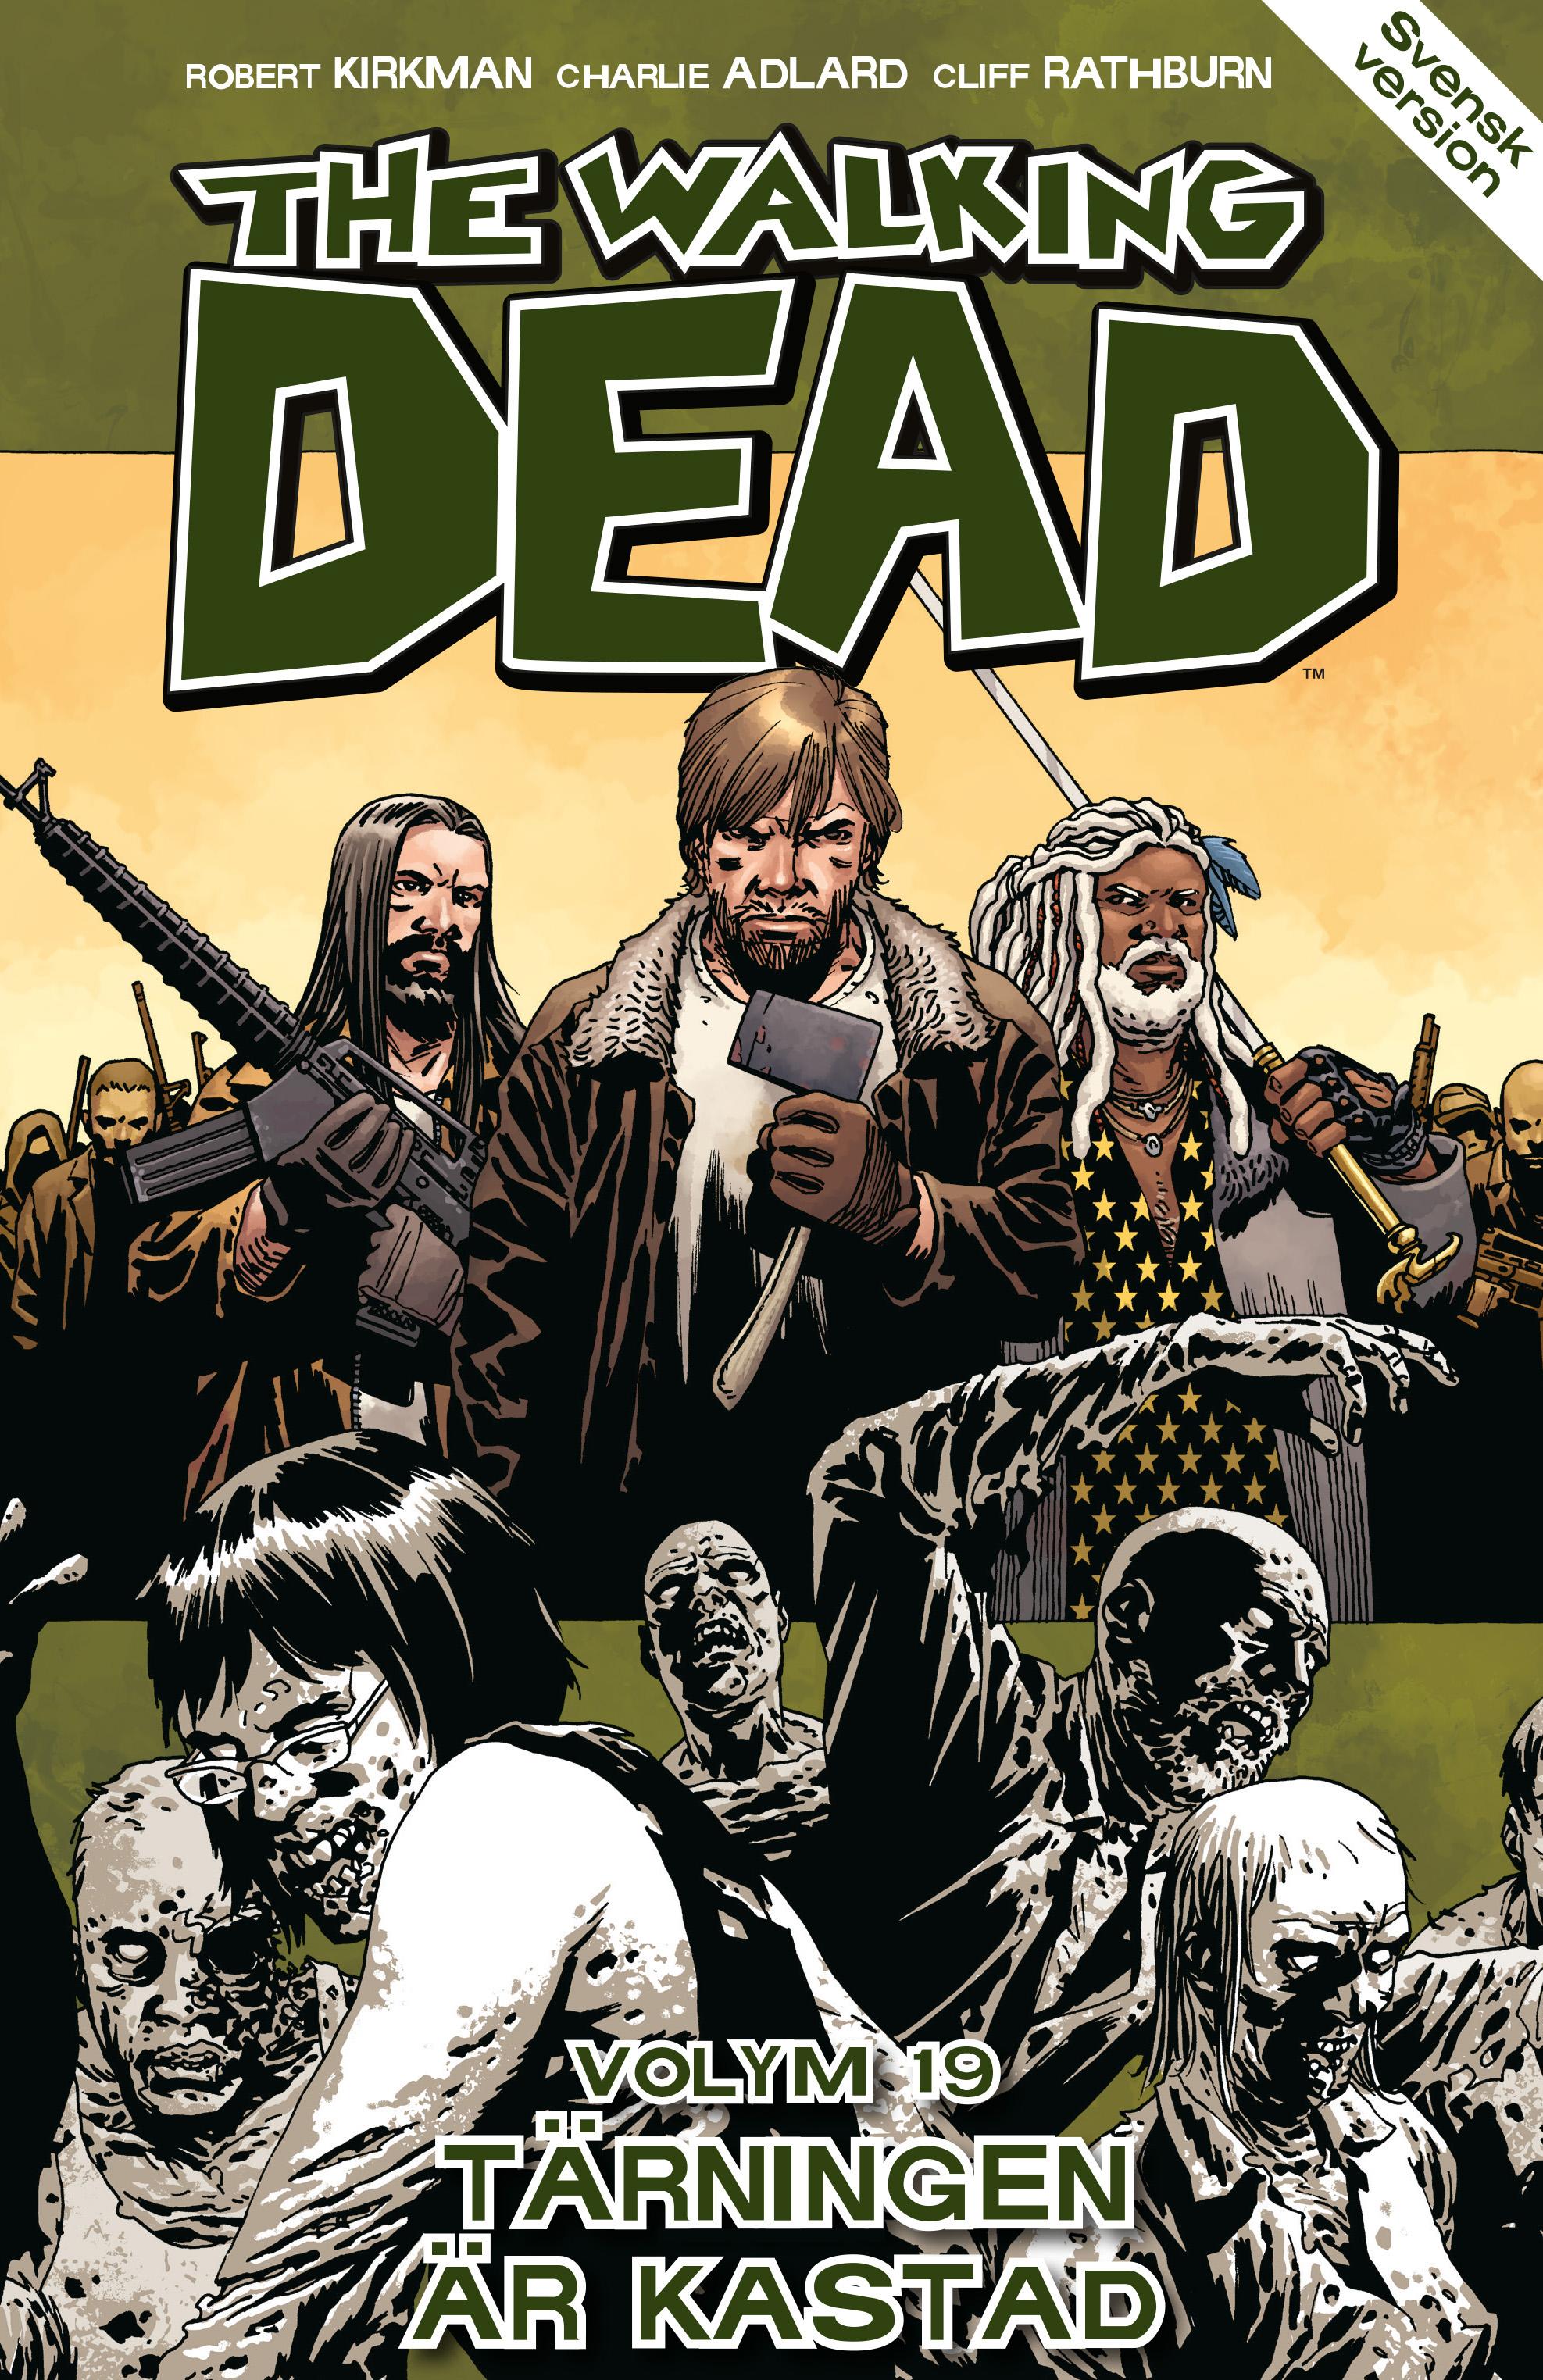 The Walking Dead volym 19. Tärningen är kastad av Robert Kirkman